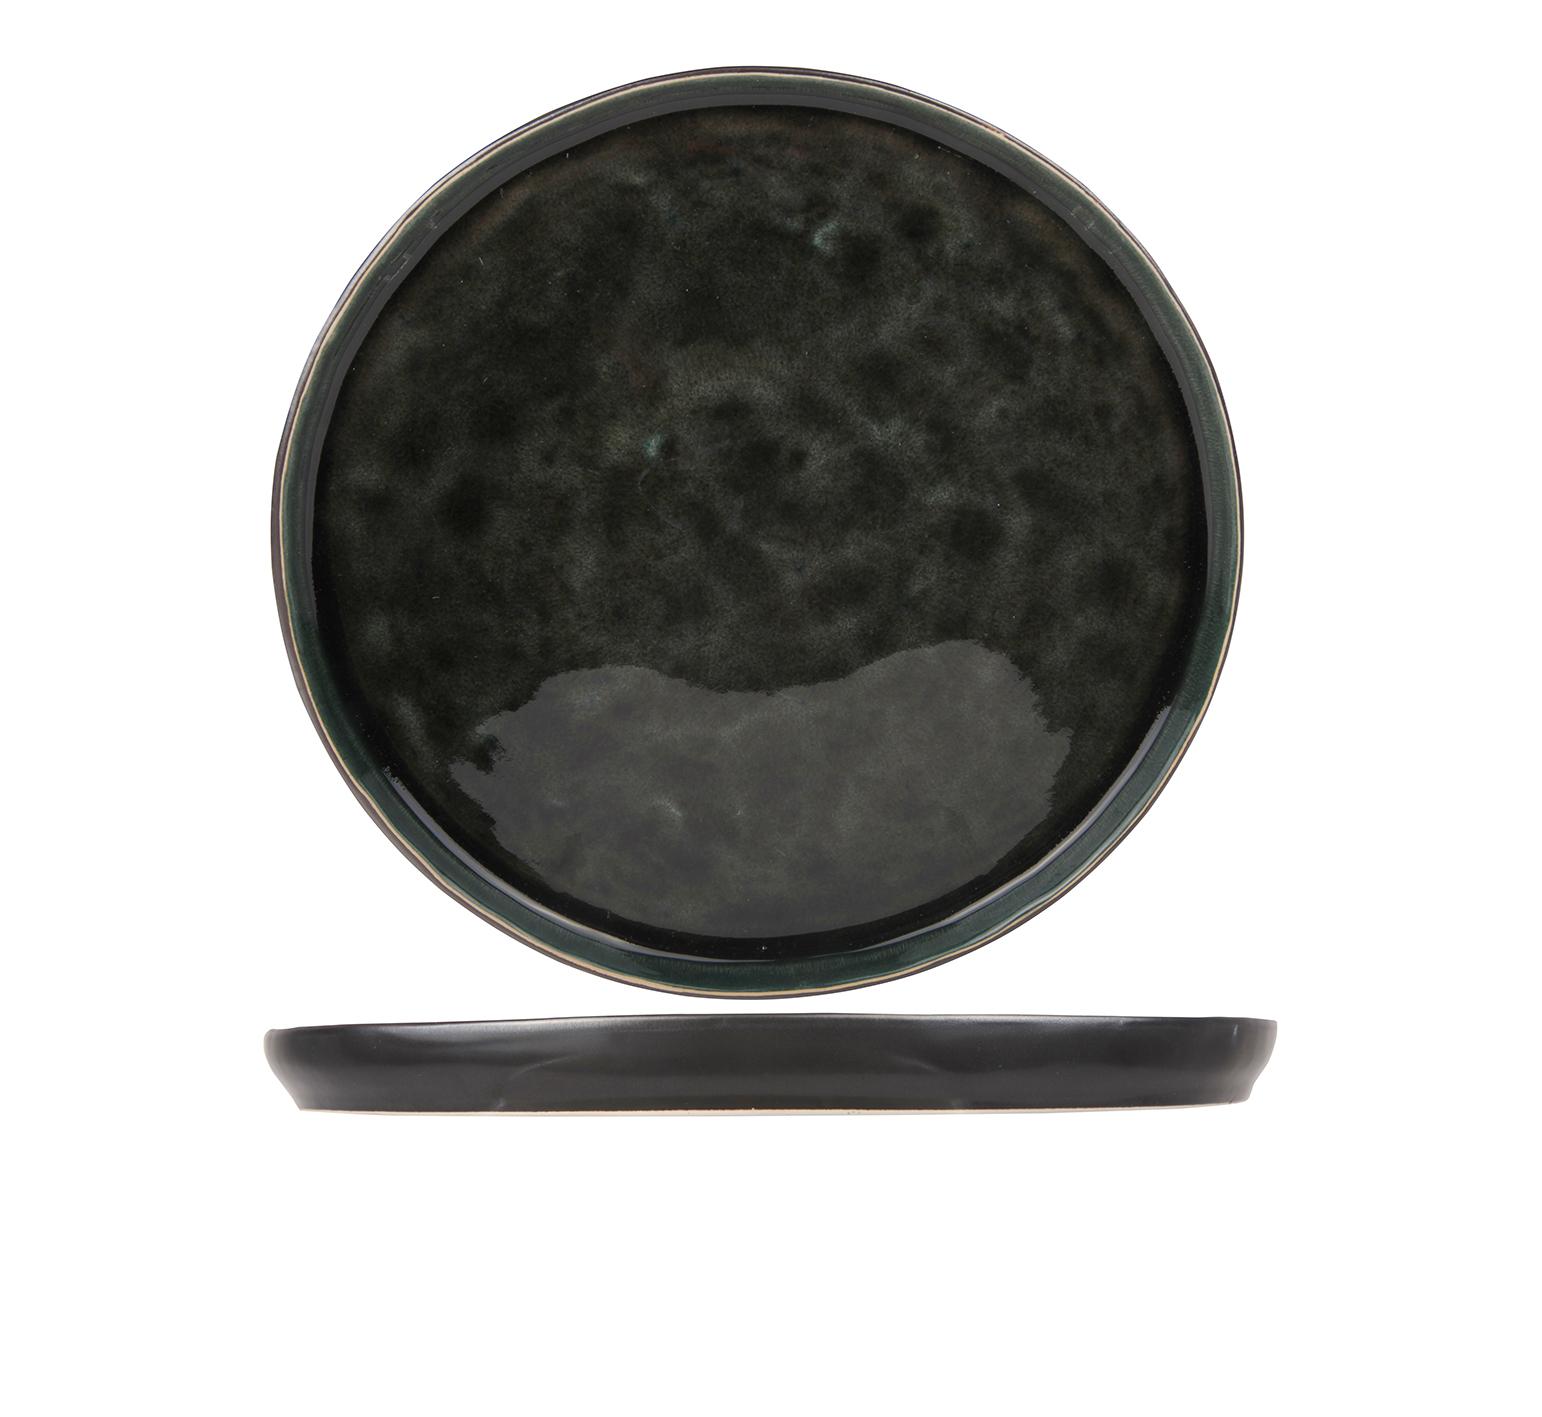 Тарелка для десерта 21,5 см COSY&amp;TRENDY Laguna verde 9327802Новинки<br>Тарелка для десерта 21,5 см COSY&amp;TRENDY Laguna verde 9327802<br><br>Эта коллекция из каменной керамики поражает удивительным цветом, текстурой и формой. Насыщенный темно-серый оттенок с волнистым рельефом погружают в прибрежную лагуну. Органические края для дополнительного дизайна. Коллекция Laguna Verde воссоздает исключительный внешний вид приготовленных блюд.<br>